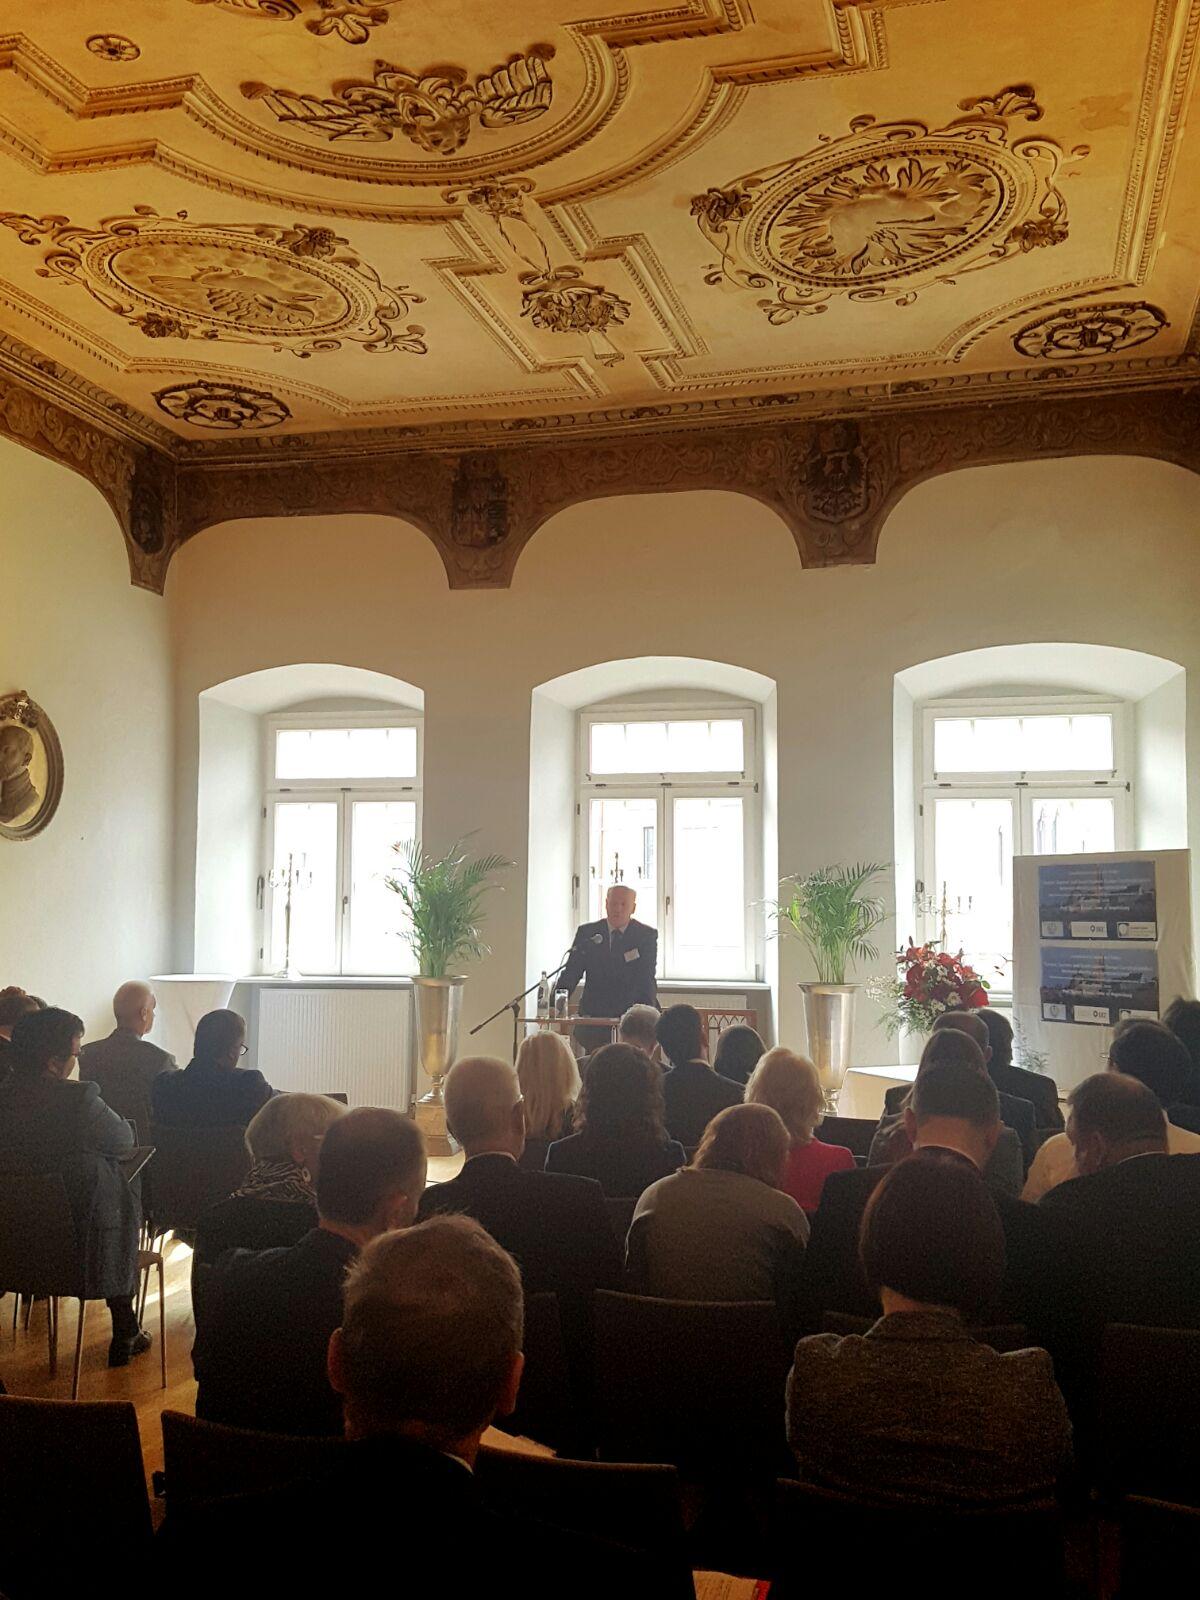 """Kryetari i Gjykatës së Lartë Z. Xhezair Zaganjori, ka marrë pjesë në zhvillimet e punimeve të Kongresit të 18 mbi """"Drejtësinë Kushtetuese dhe Politikën"""", organizuar në 14-15 Tetor 2016 nga Universiteti i Regensburg-ut dhe Qendra Zhan Mone në Gjermani"""